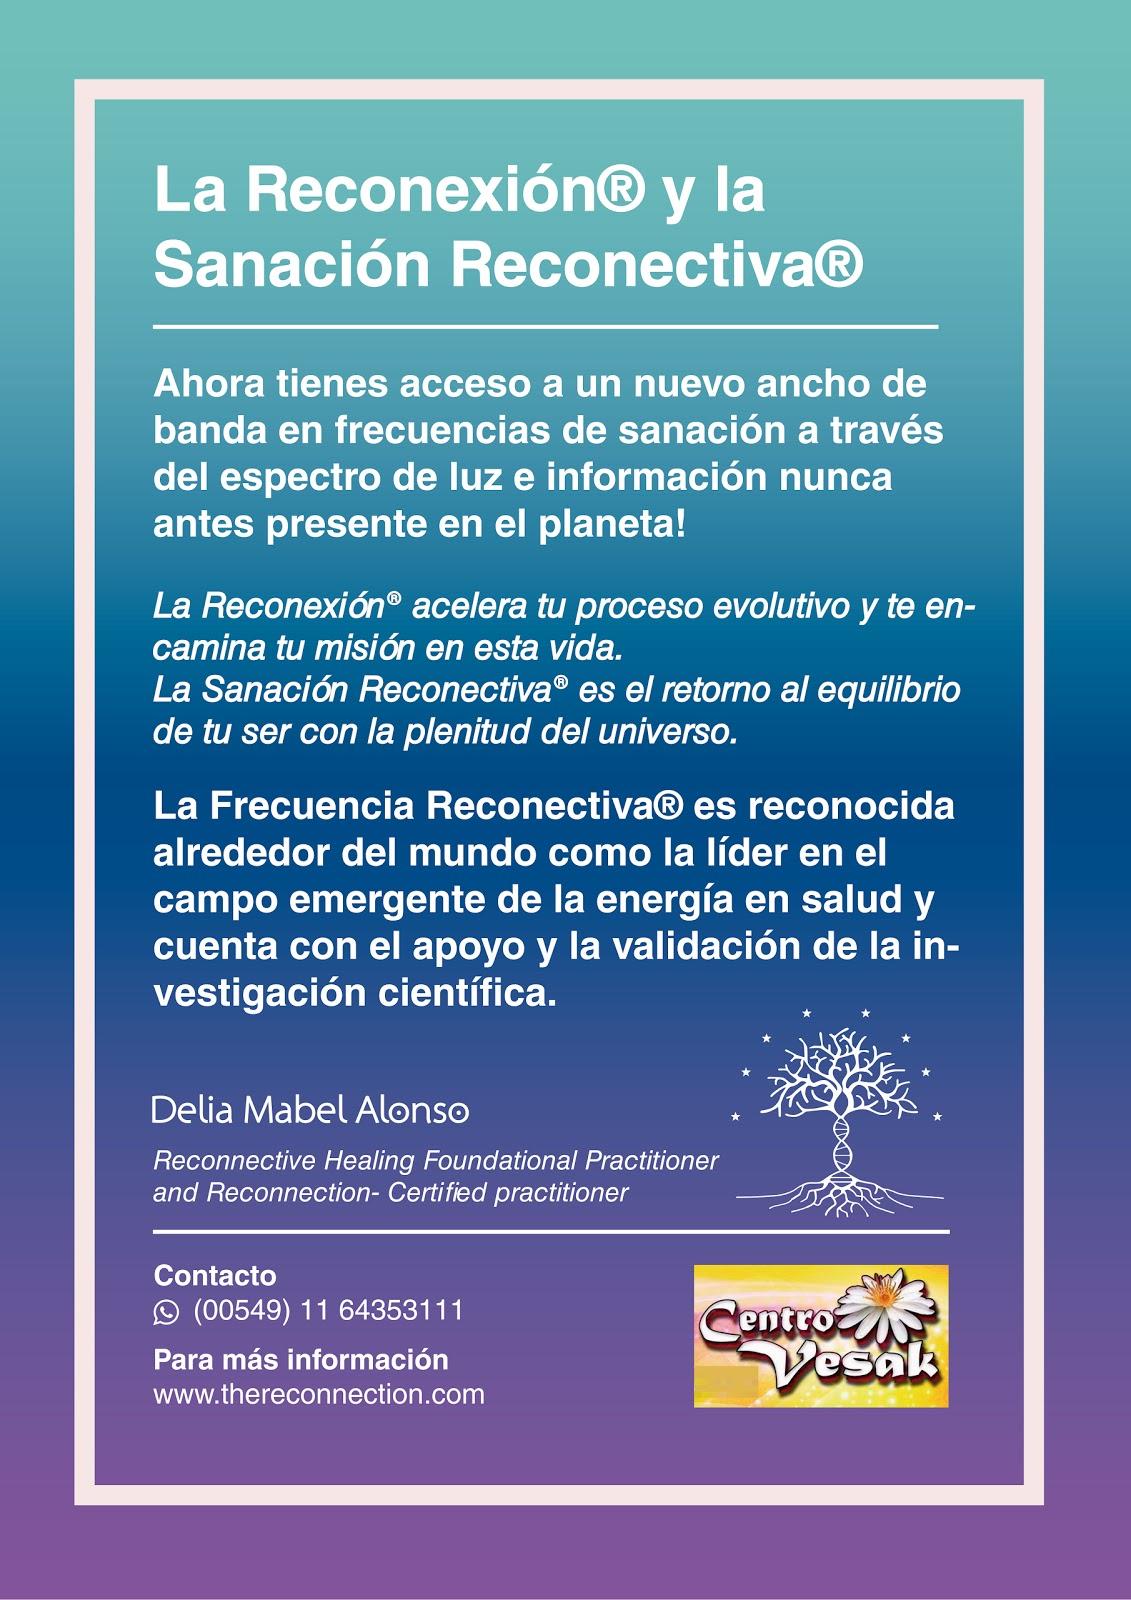 Sanacion reconectiva